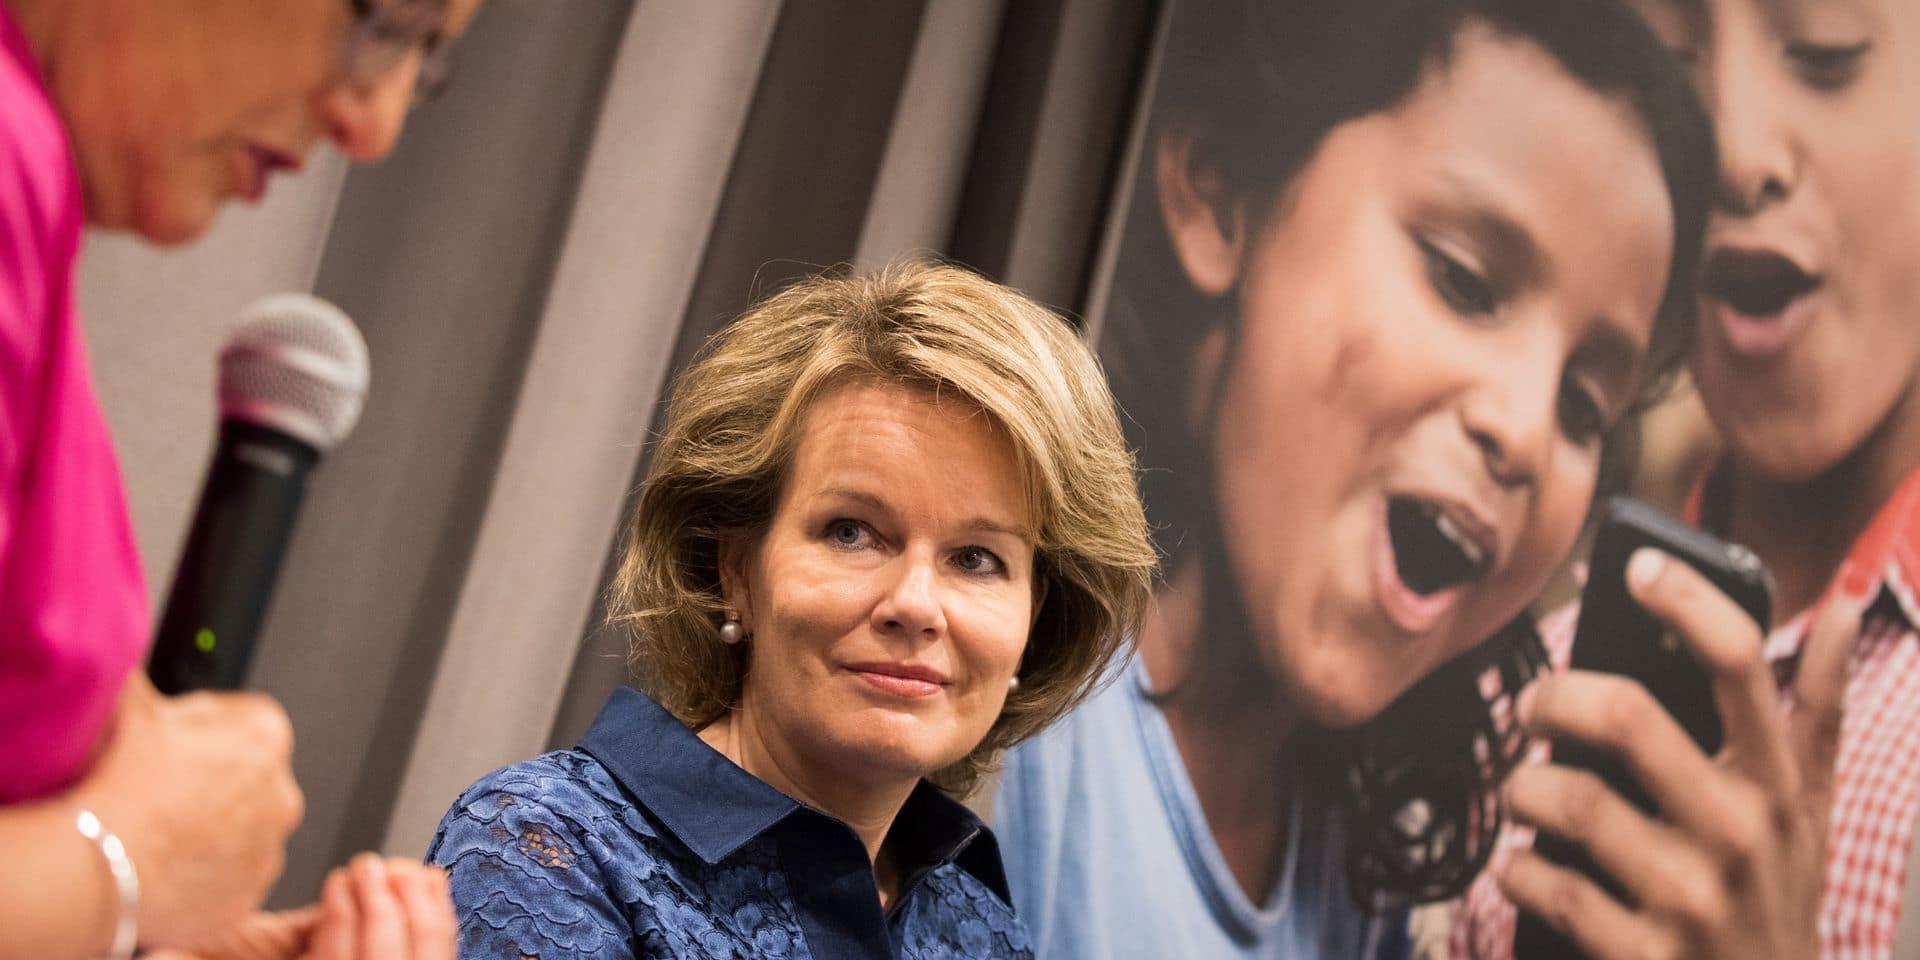 Assemblée générale de l'ONU: la reine Mathilde s'exprime sur la lutte contre les violences faites aux enfants